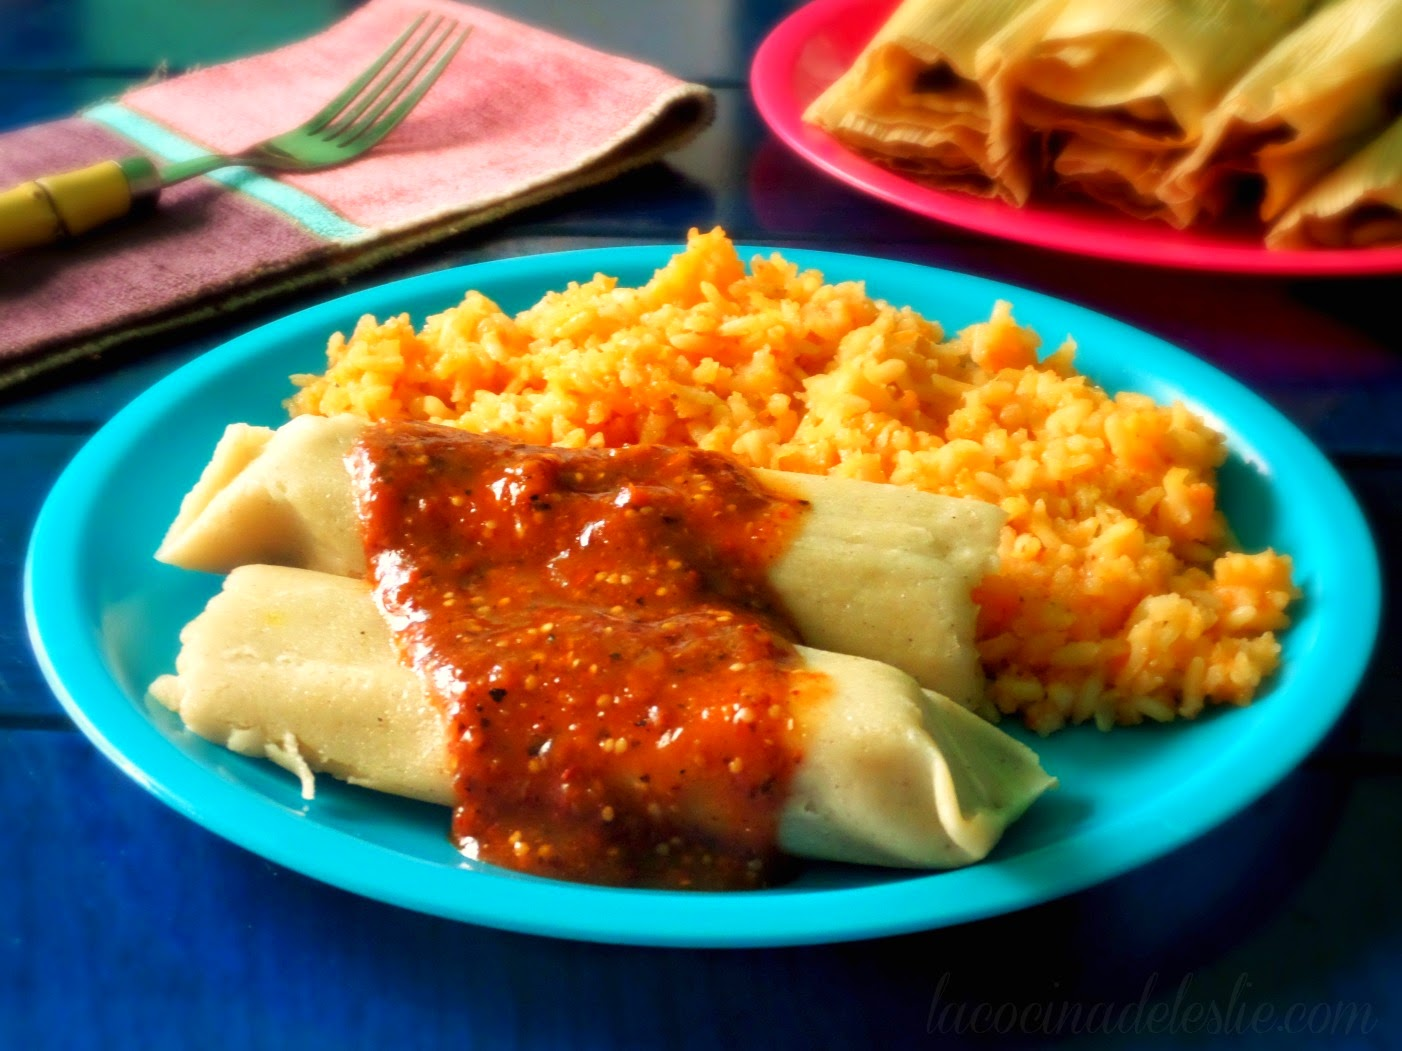 Tamales de Rajas y Requeson - lacocinadeleslie.com